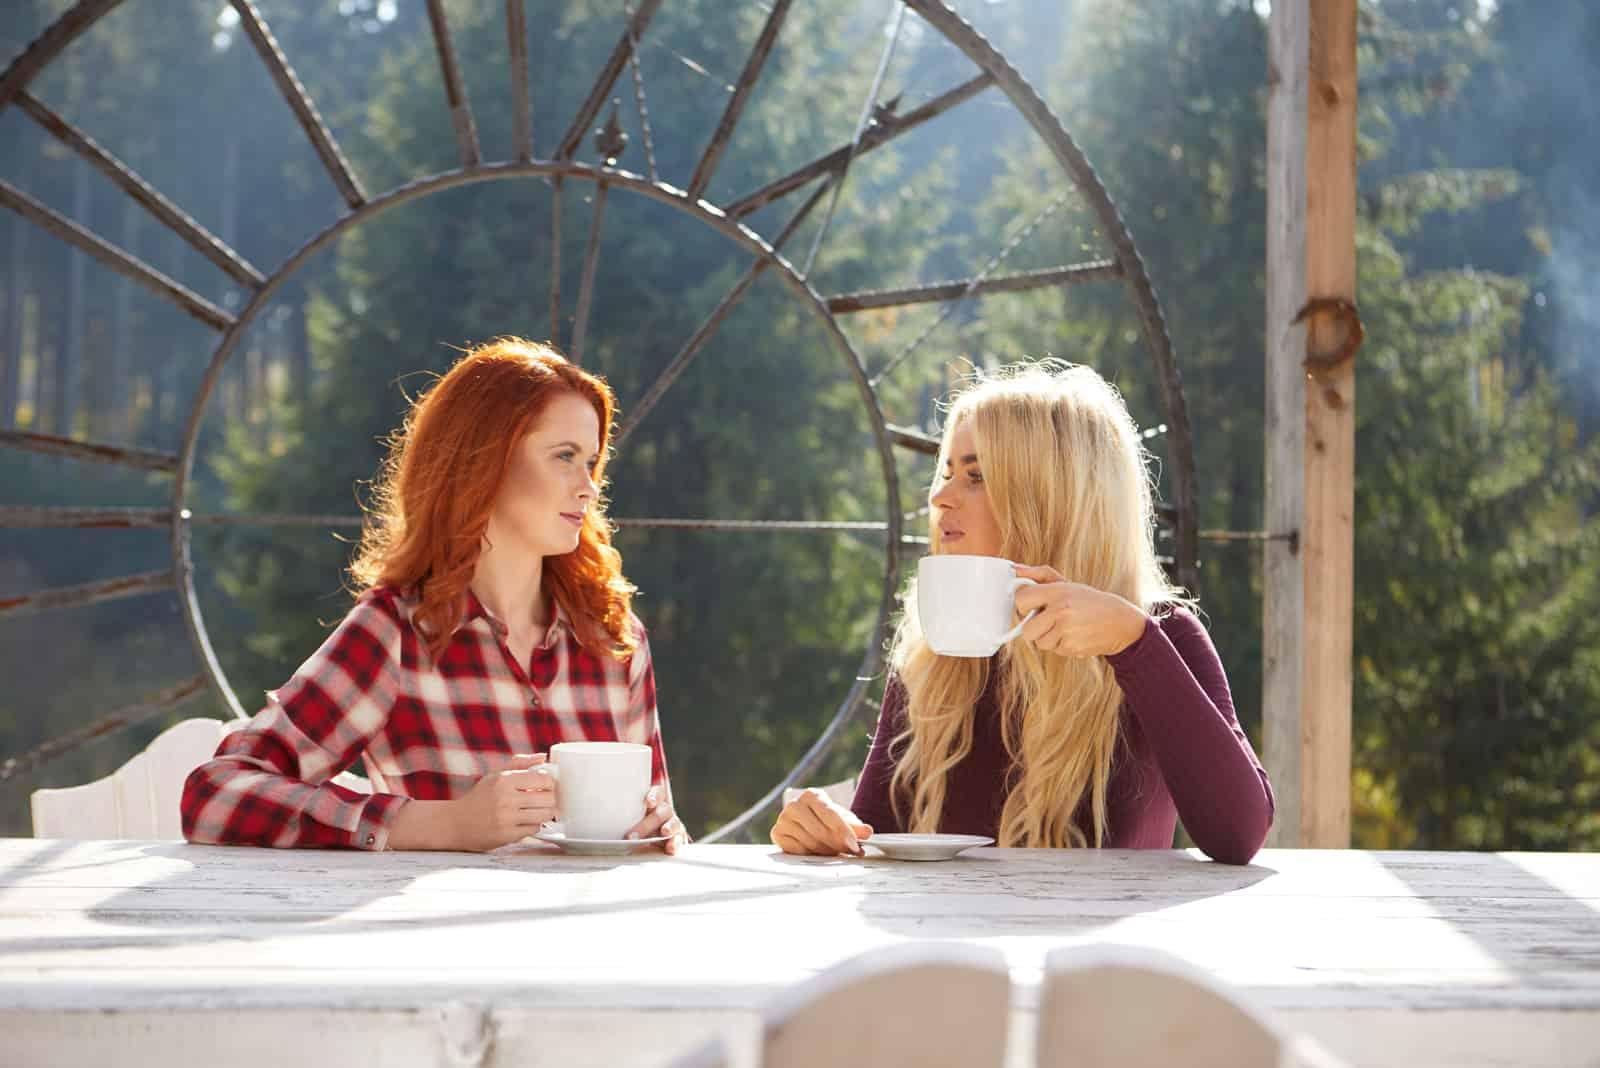 zwei Frauen sitzen und reden